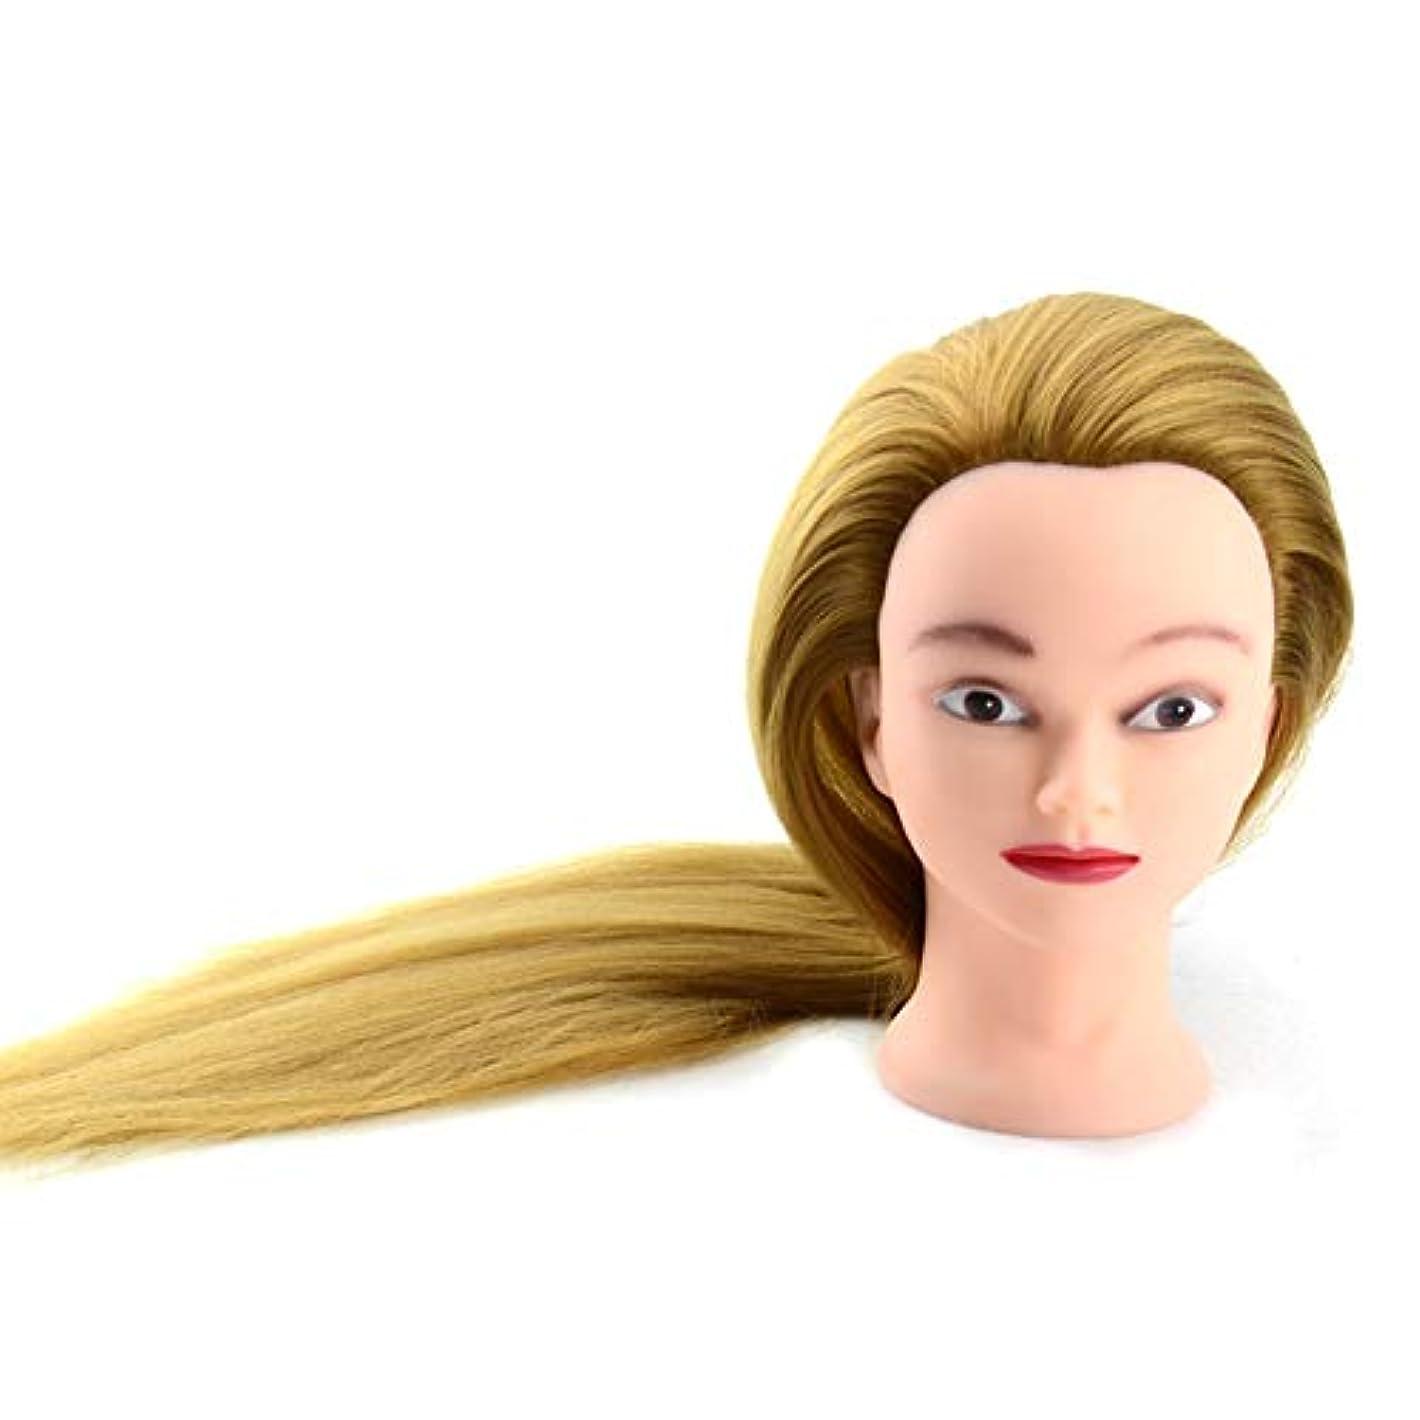 着替えるいま子豚化学繊維ウィッグヘッドモデル花嫁メイクスタイリング練習ダミーヘッドサロントリミング学習マネキンヘッド